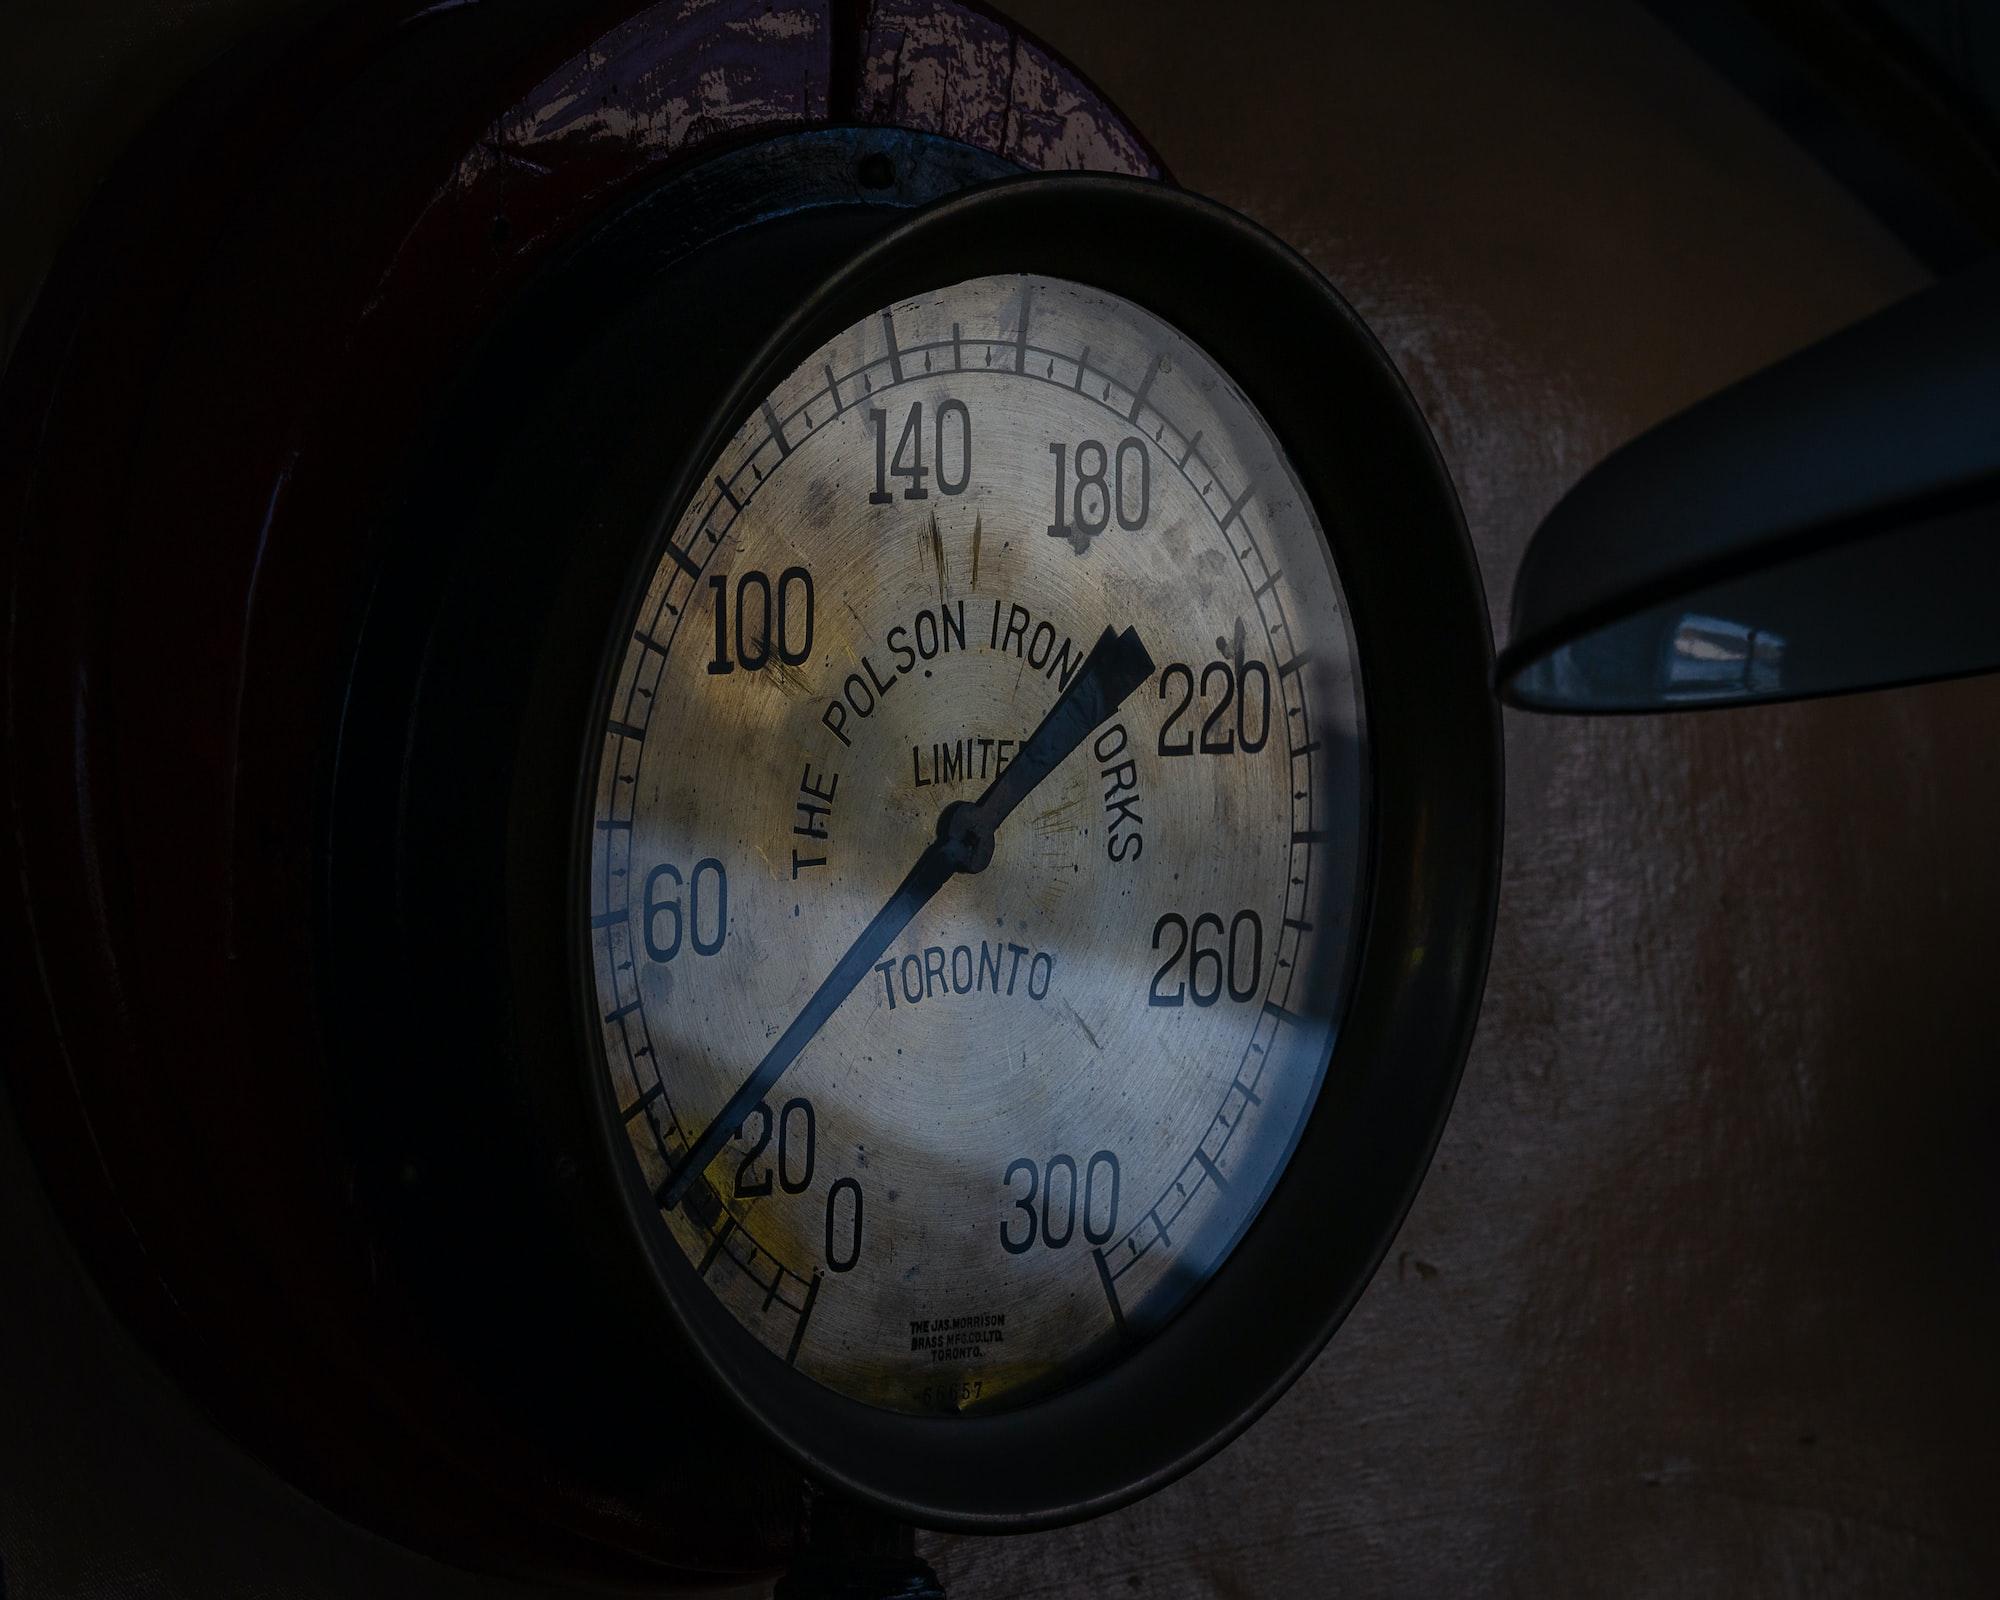 Pressure gauge on a steamship.